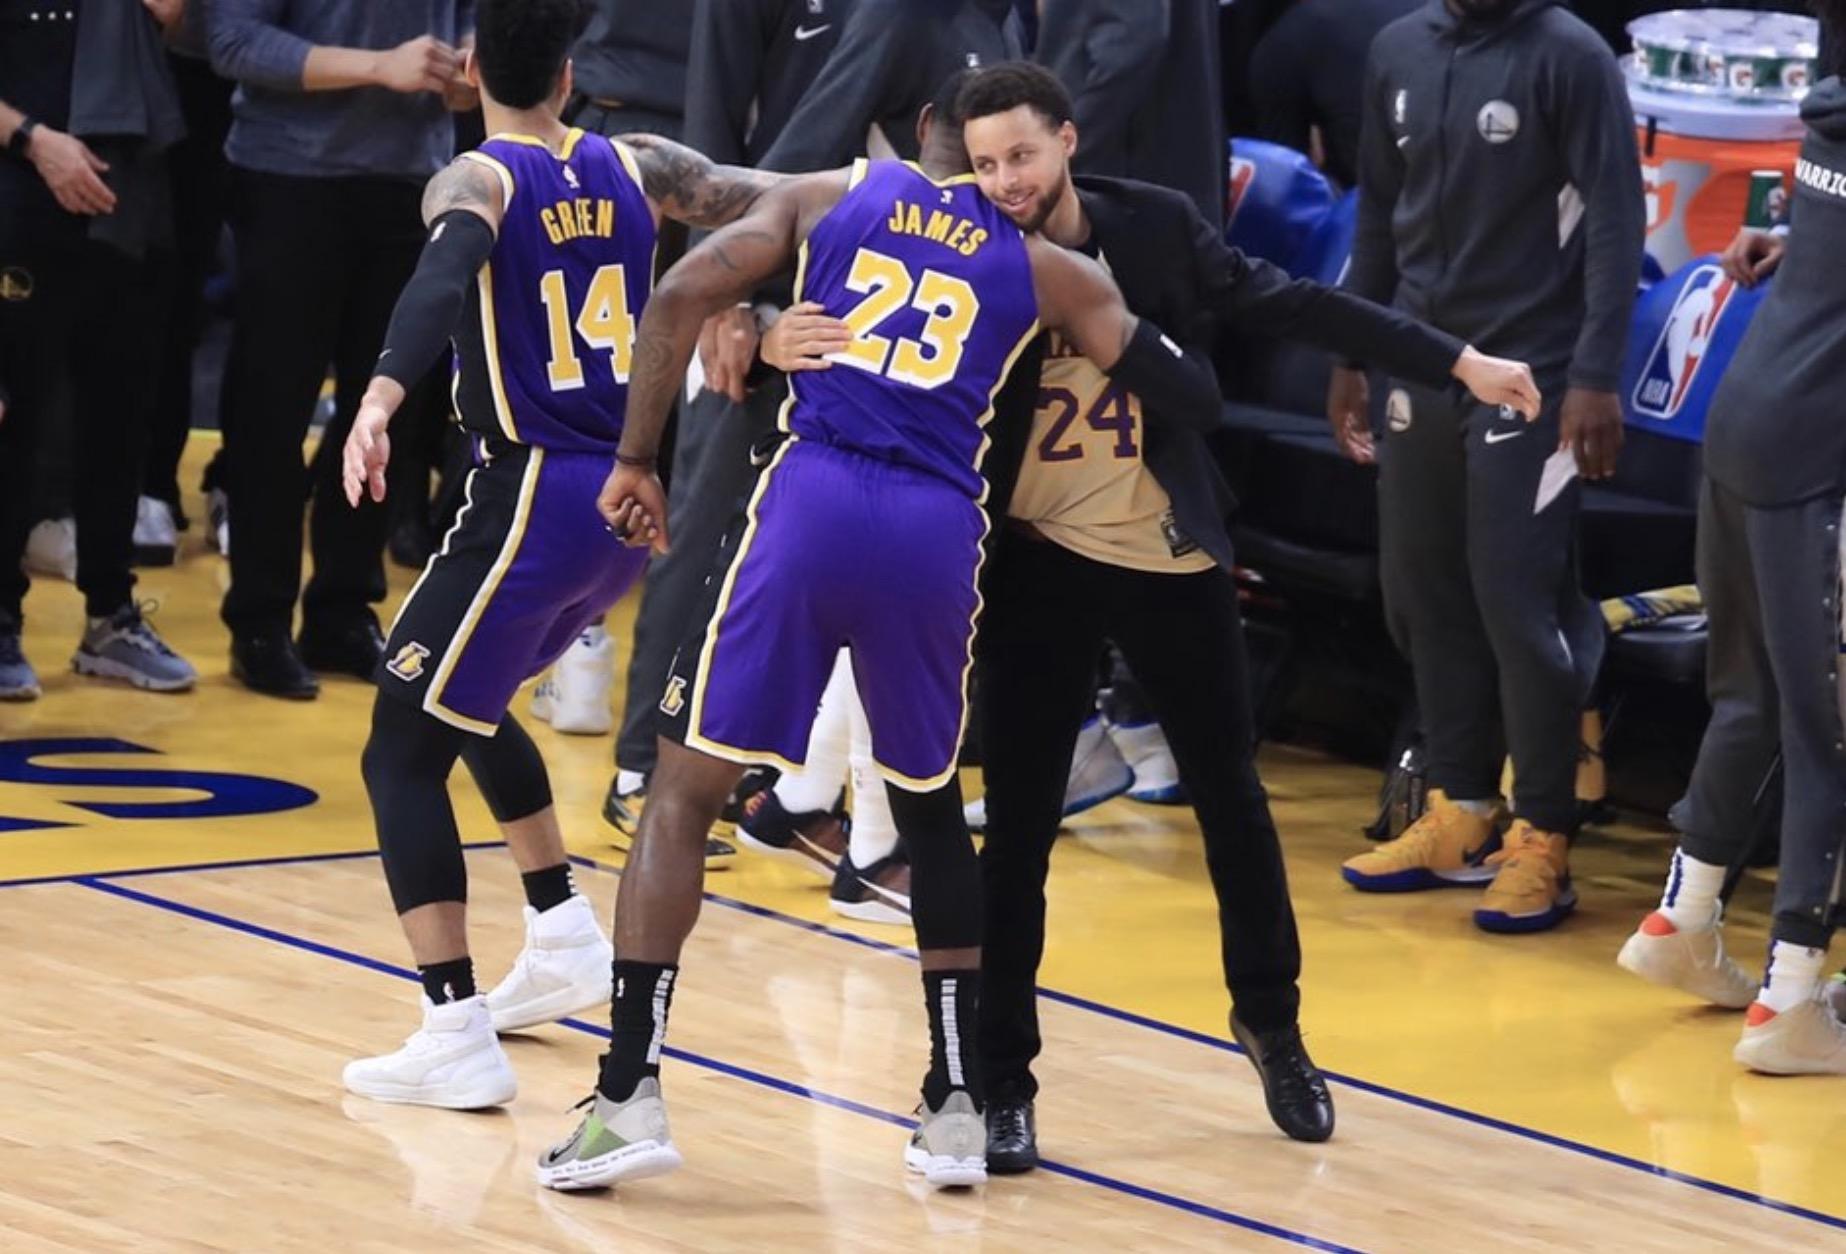 大于篮球!库里身穿科比24号球衣,赛前与詹姆斯拥抱